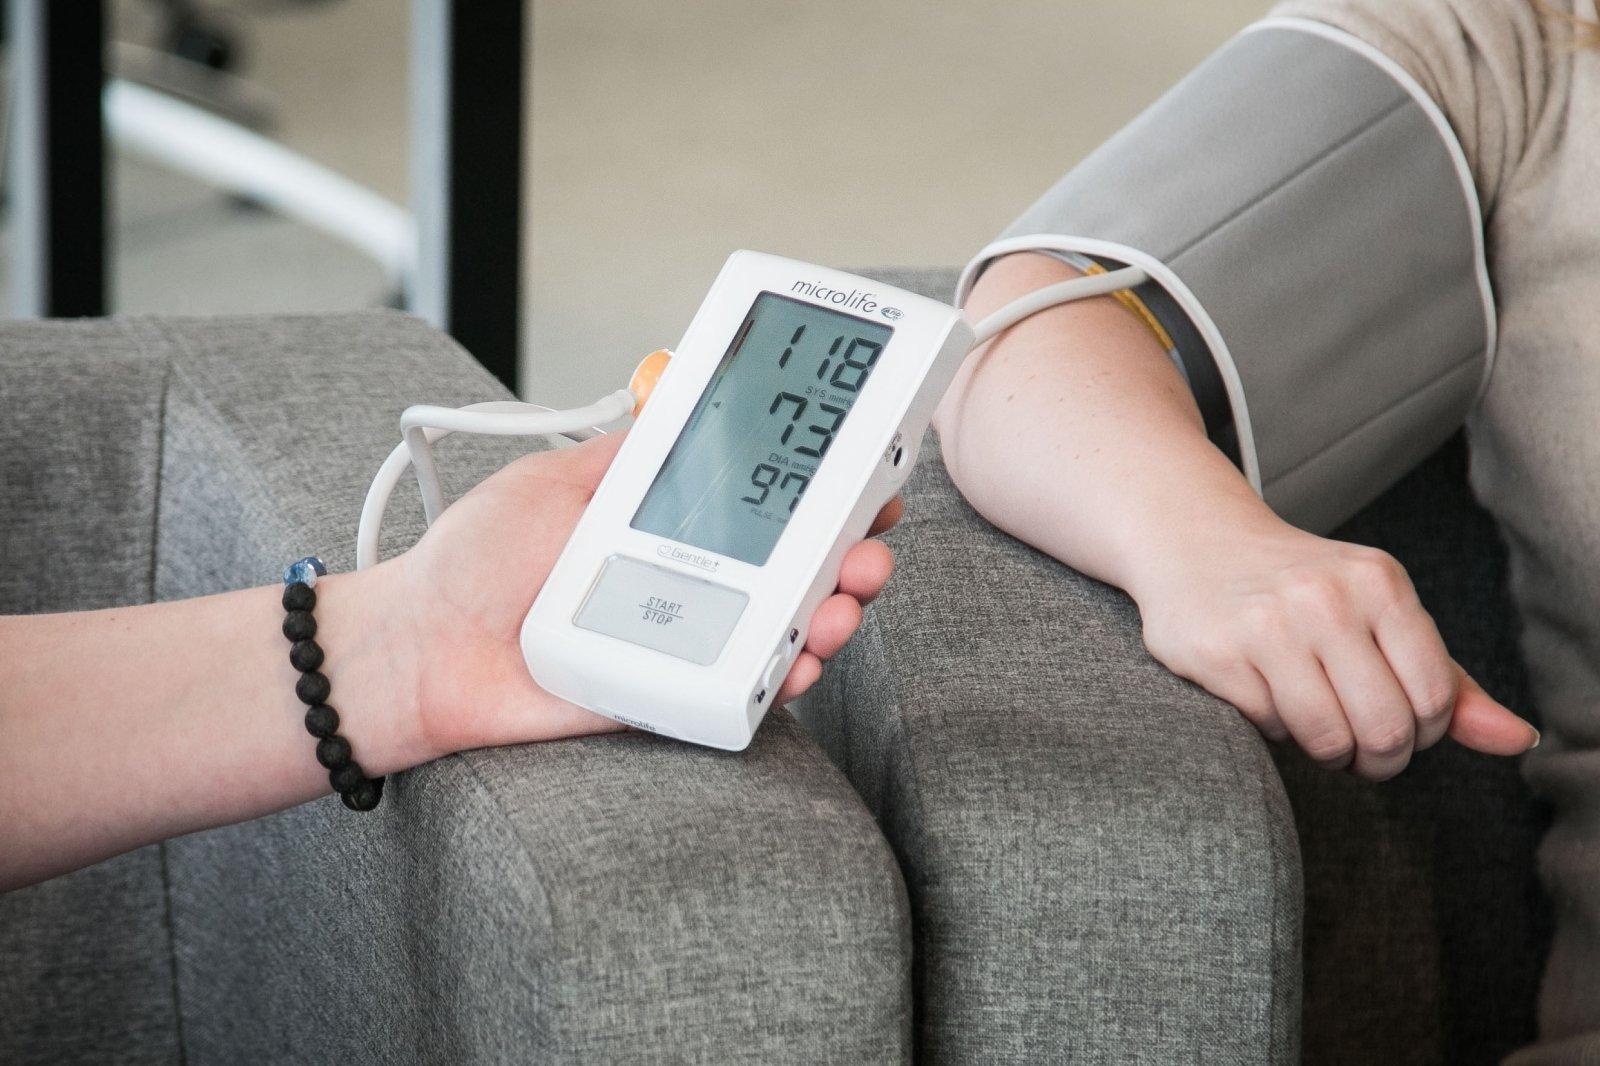 Kaip greitai sumažinti spaudimą namuose? - Distonija November